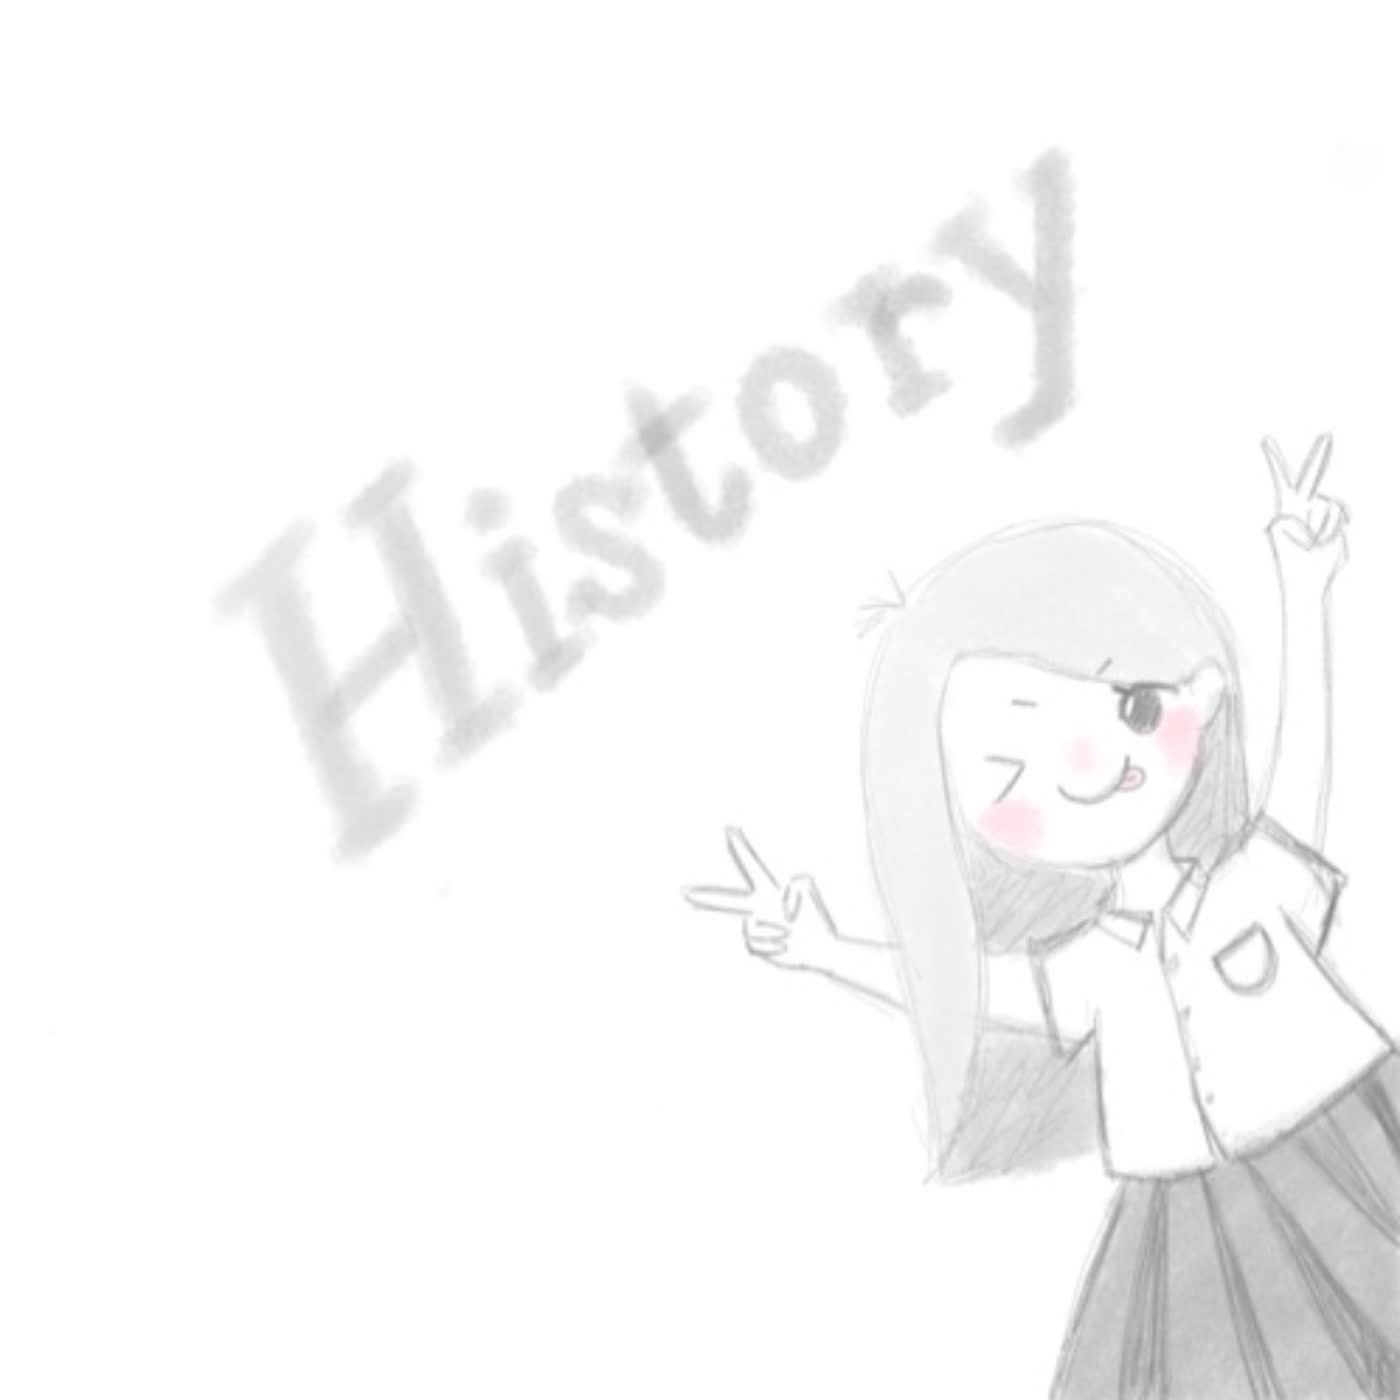 歷史課本不是這樣的!!